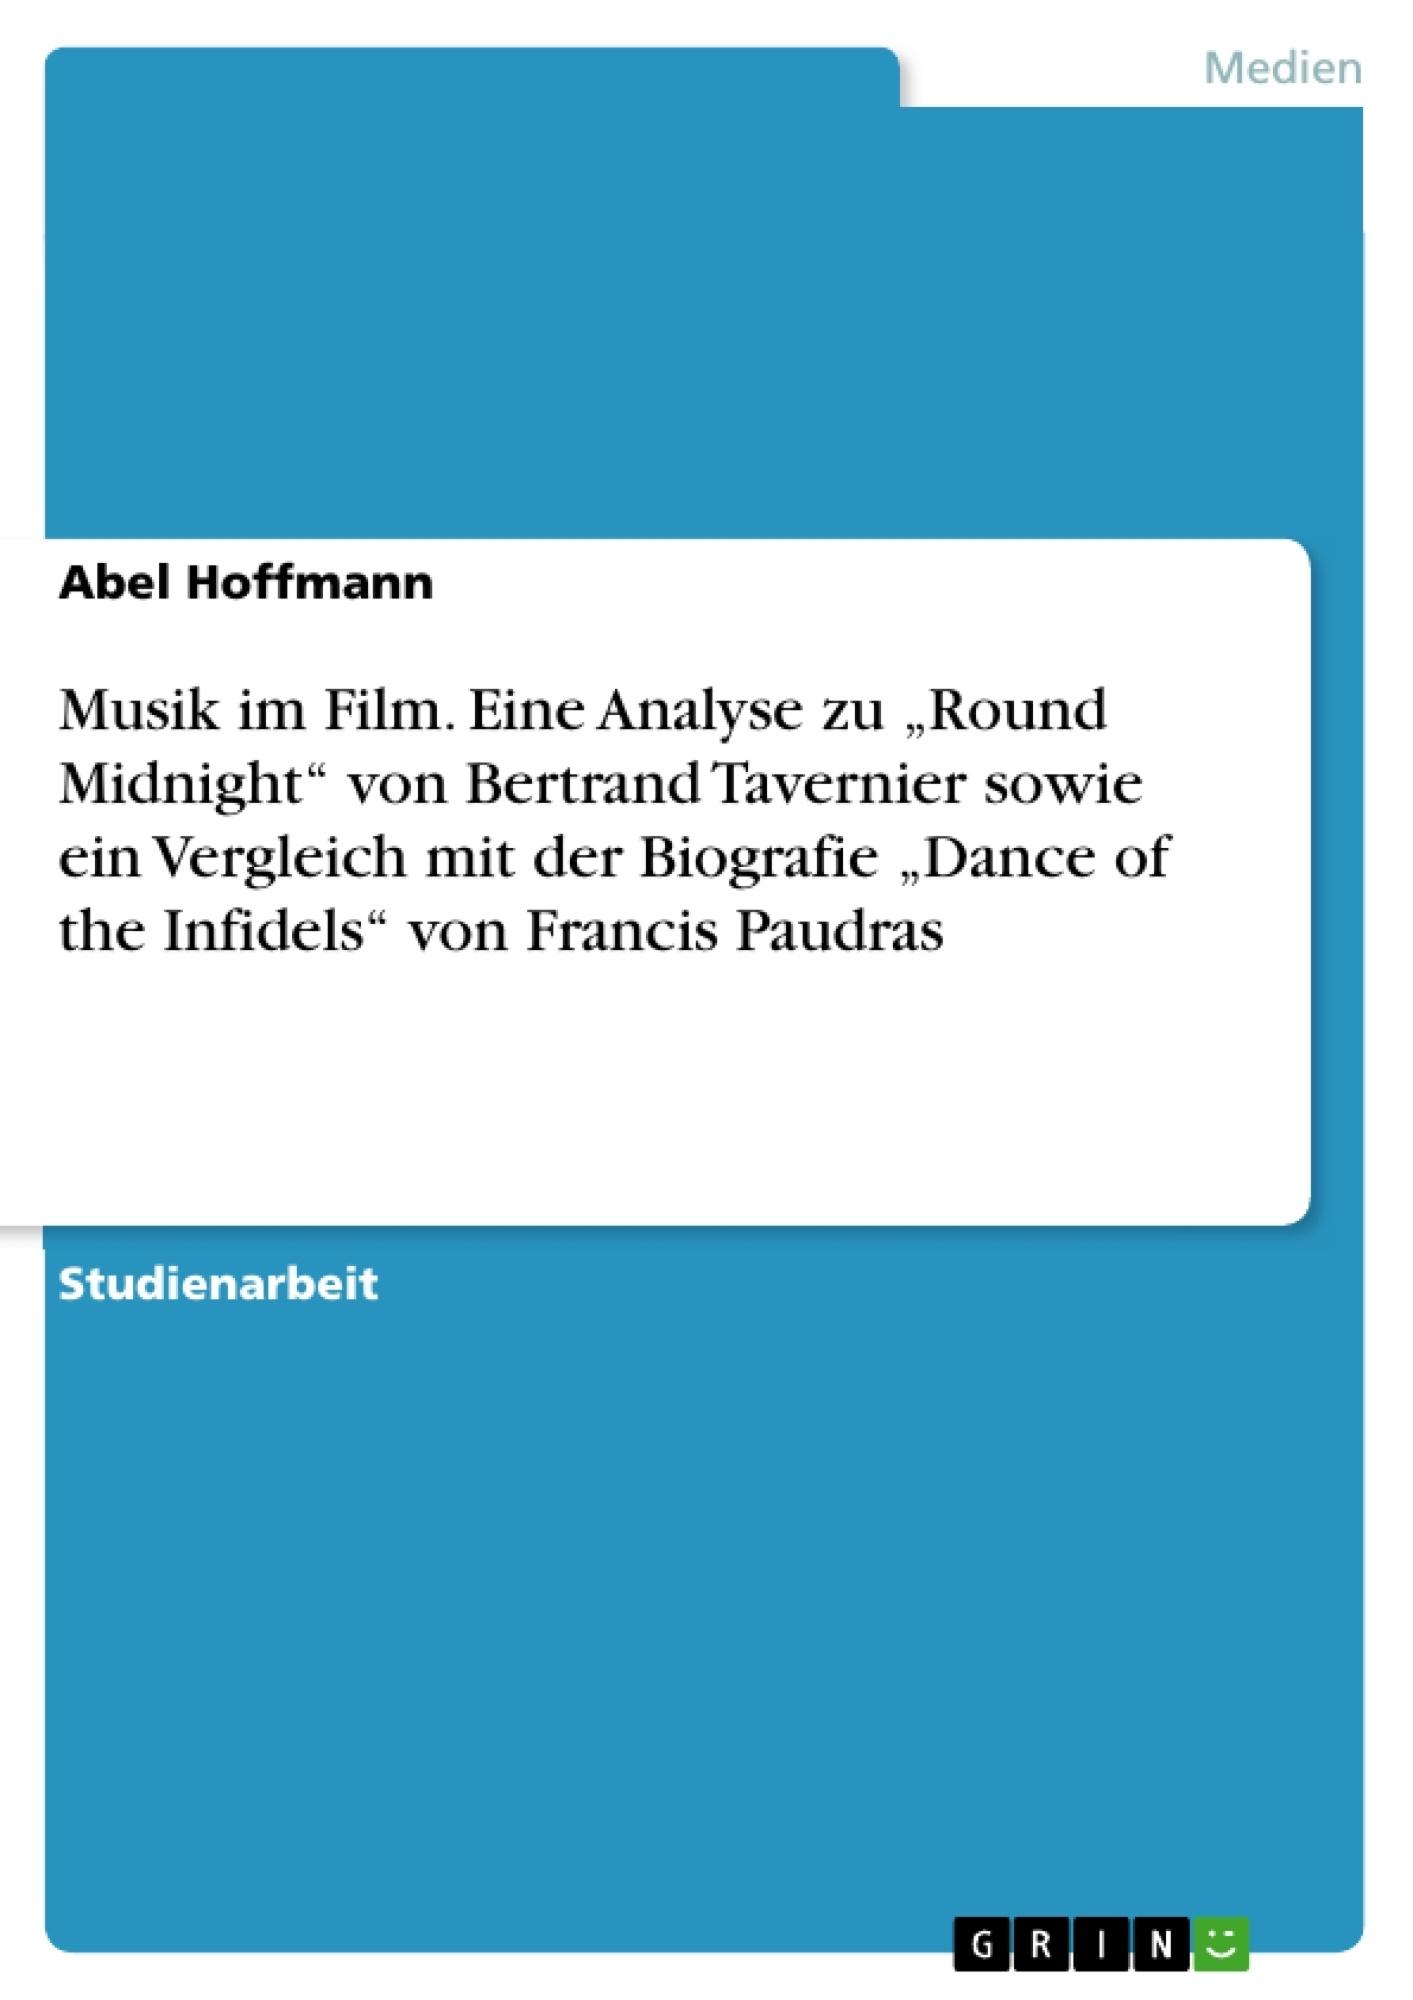 """Titel: Musik im Film. Eine Analyse zu """"Round Midnight"""" von Bertrand Tavernier sowie ein Vergleich mit der Biografie """"Dance of the Infidels"""" von Francis Paudras"""